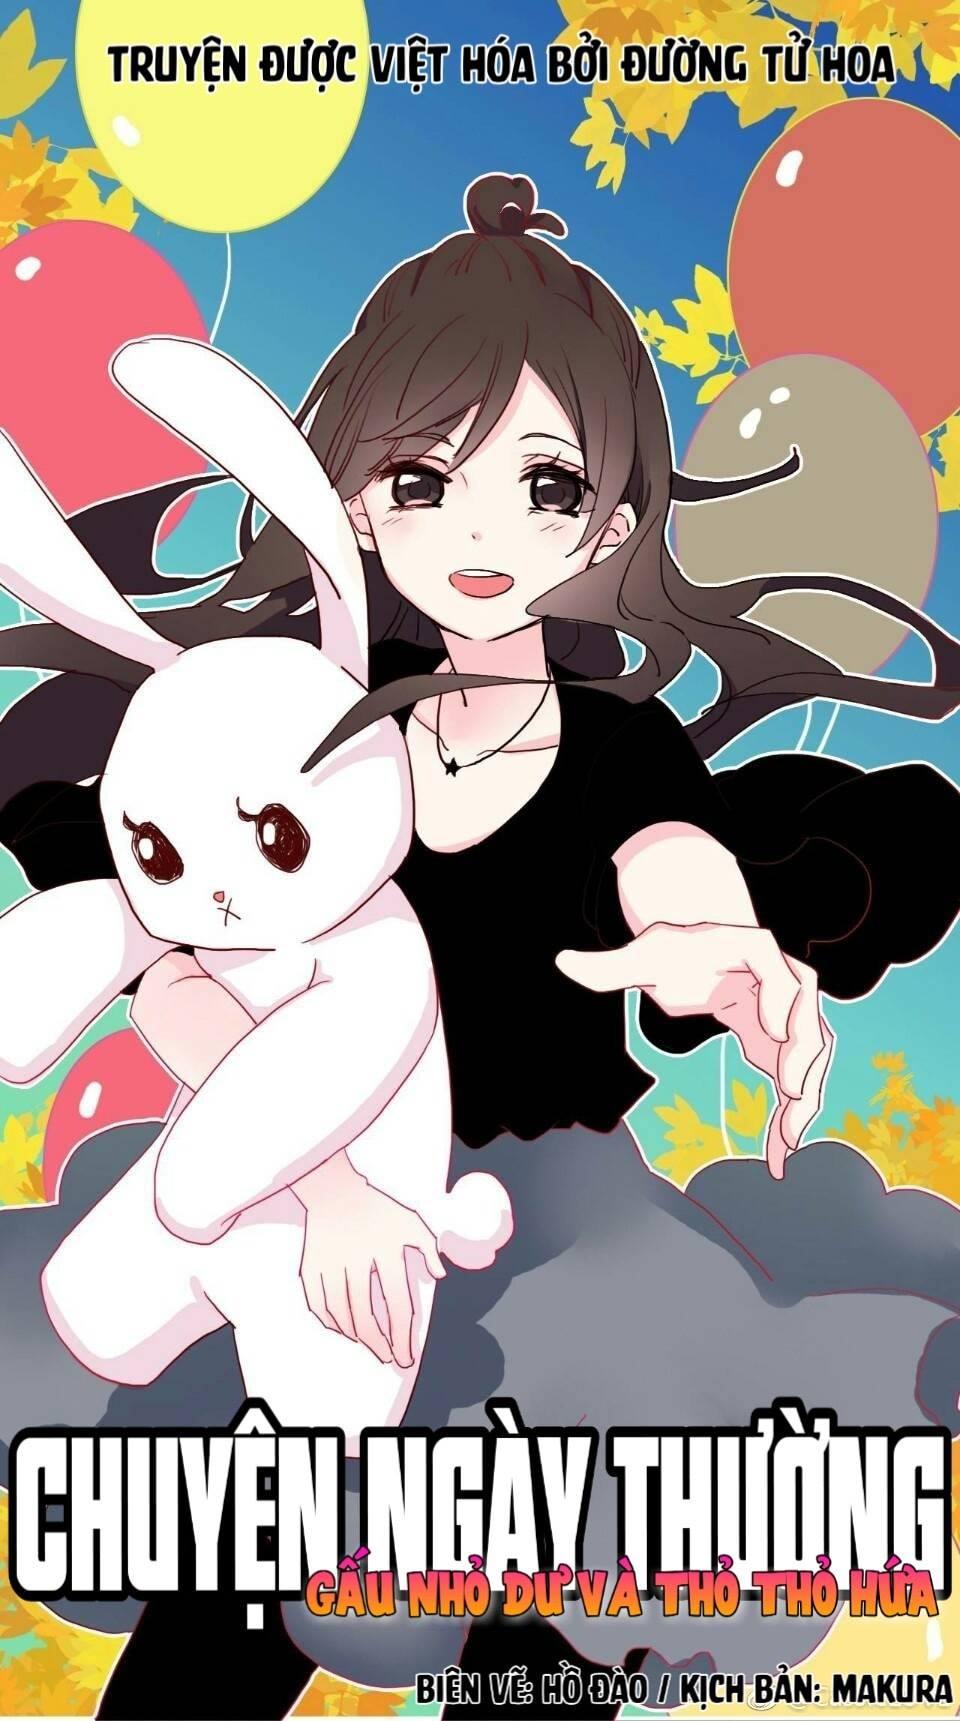 Chuyện Ngày Thường: Gấu Nhỏ Dư Và Thỏ Thỏ Hứa - Chap 10